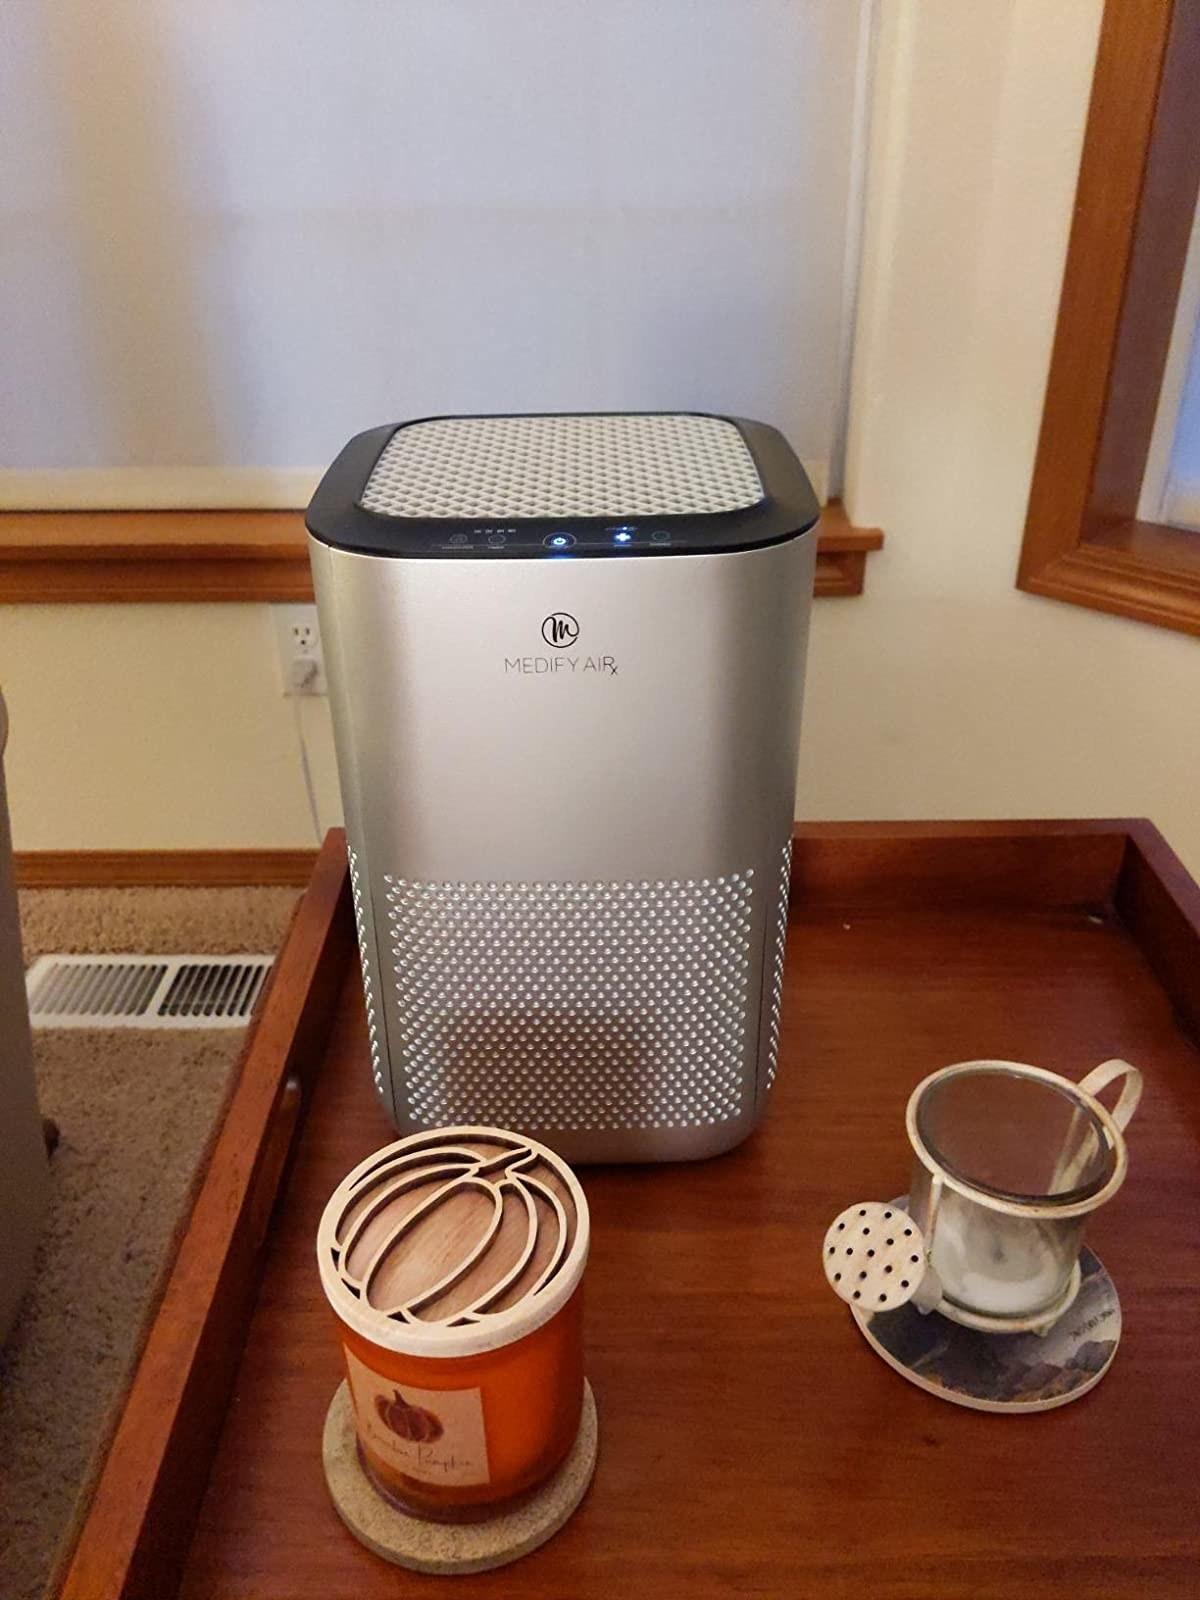 The silver air purifier